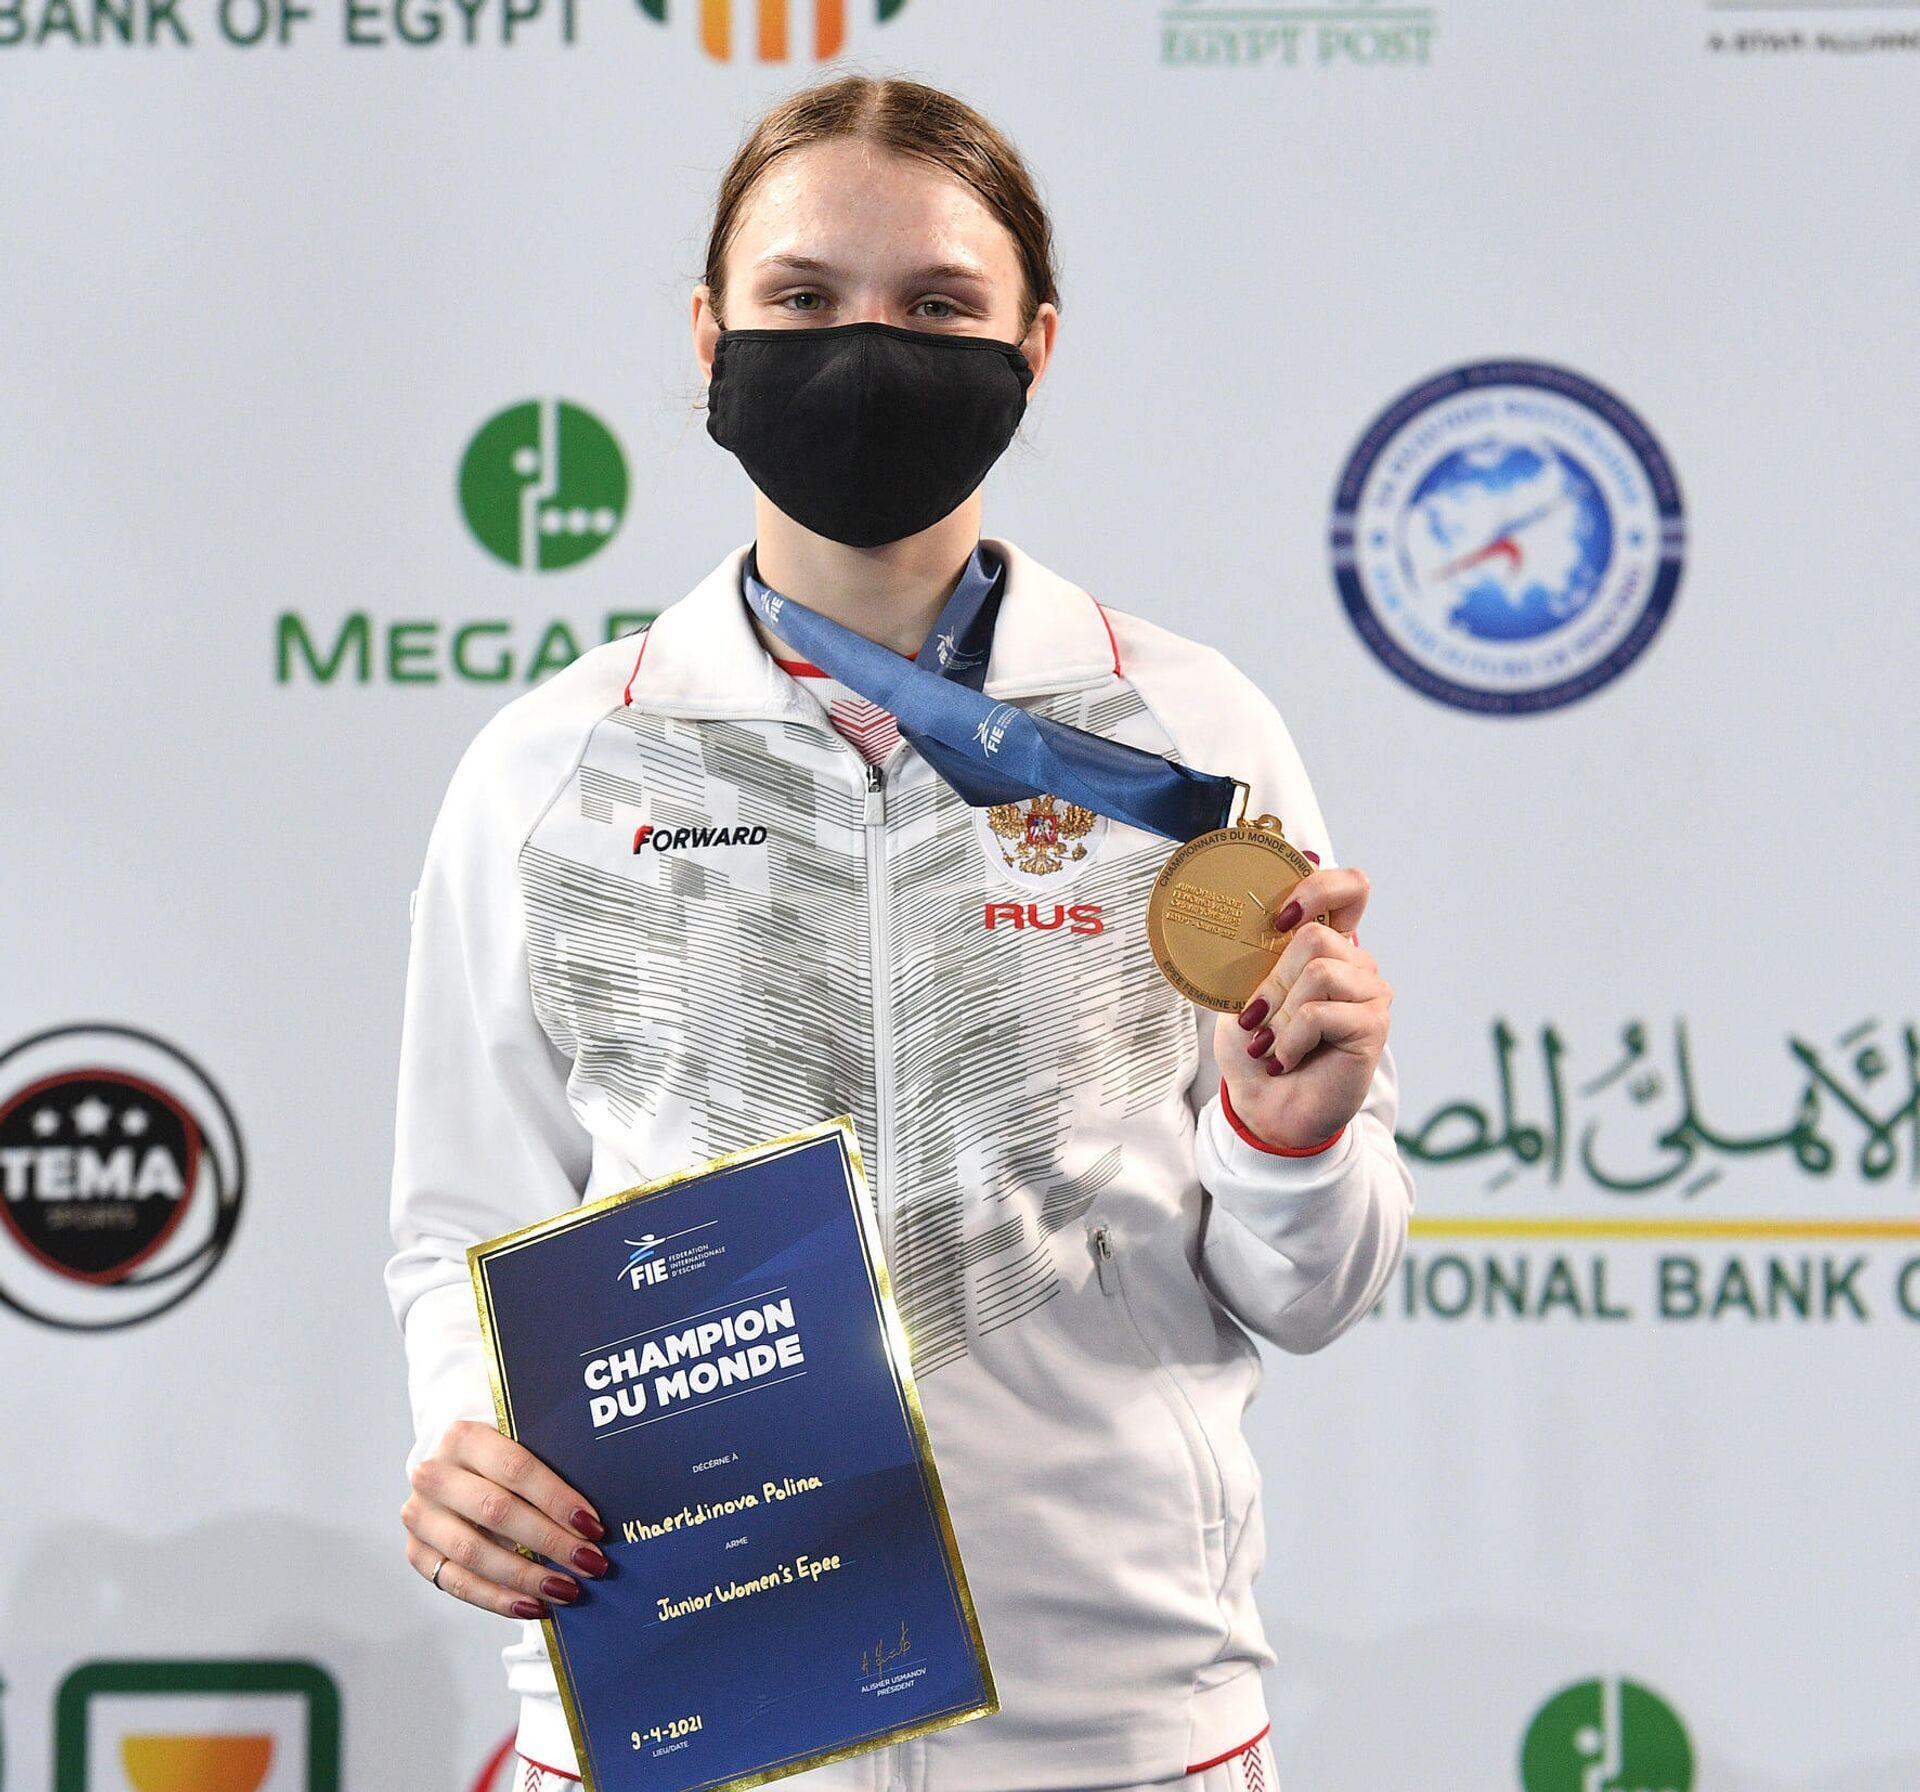 Полина Хаертдинова, чемпионка мира среди юниоров 2021 года по фехтованию на шпагах - РИА Новости, 1920, 12.04.2021